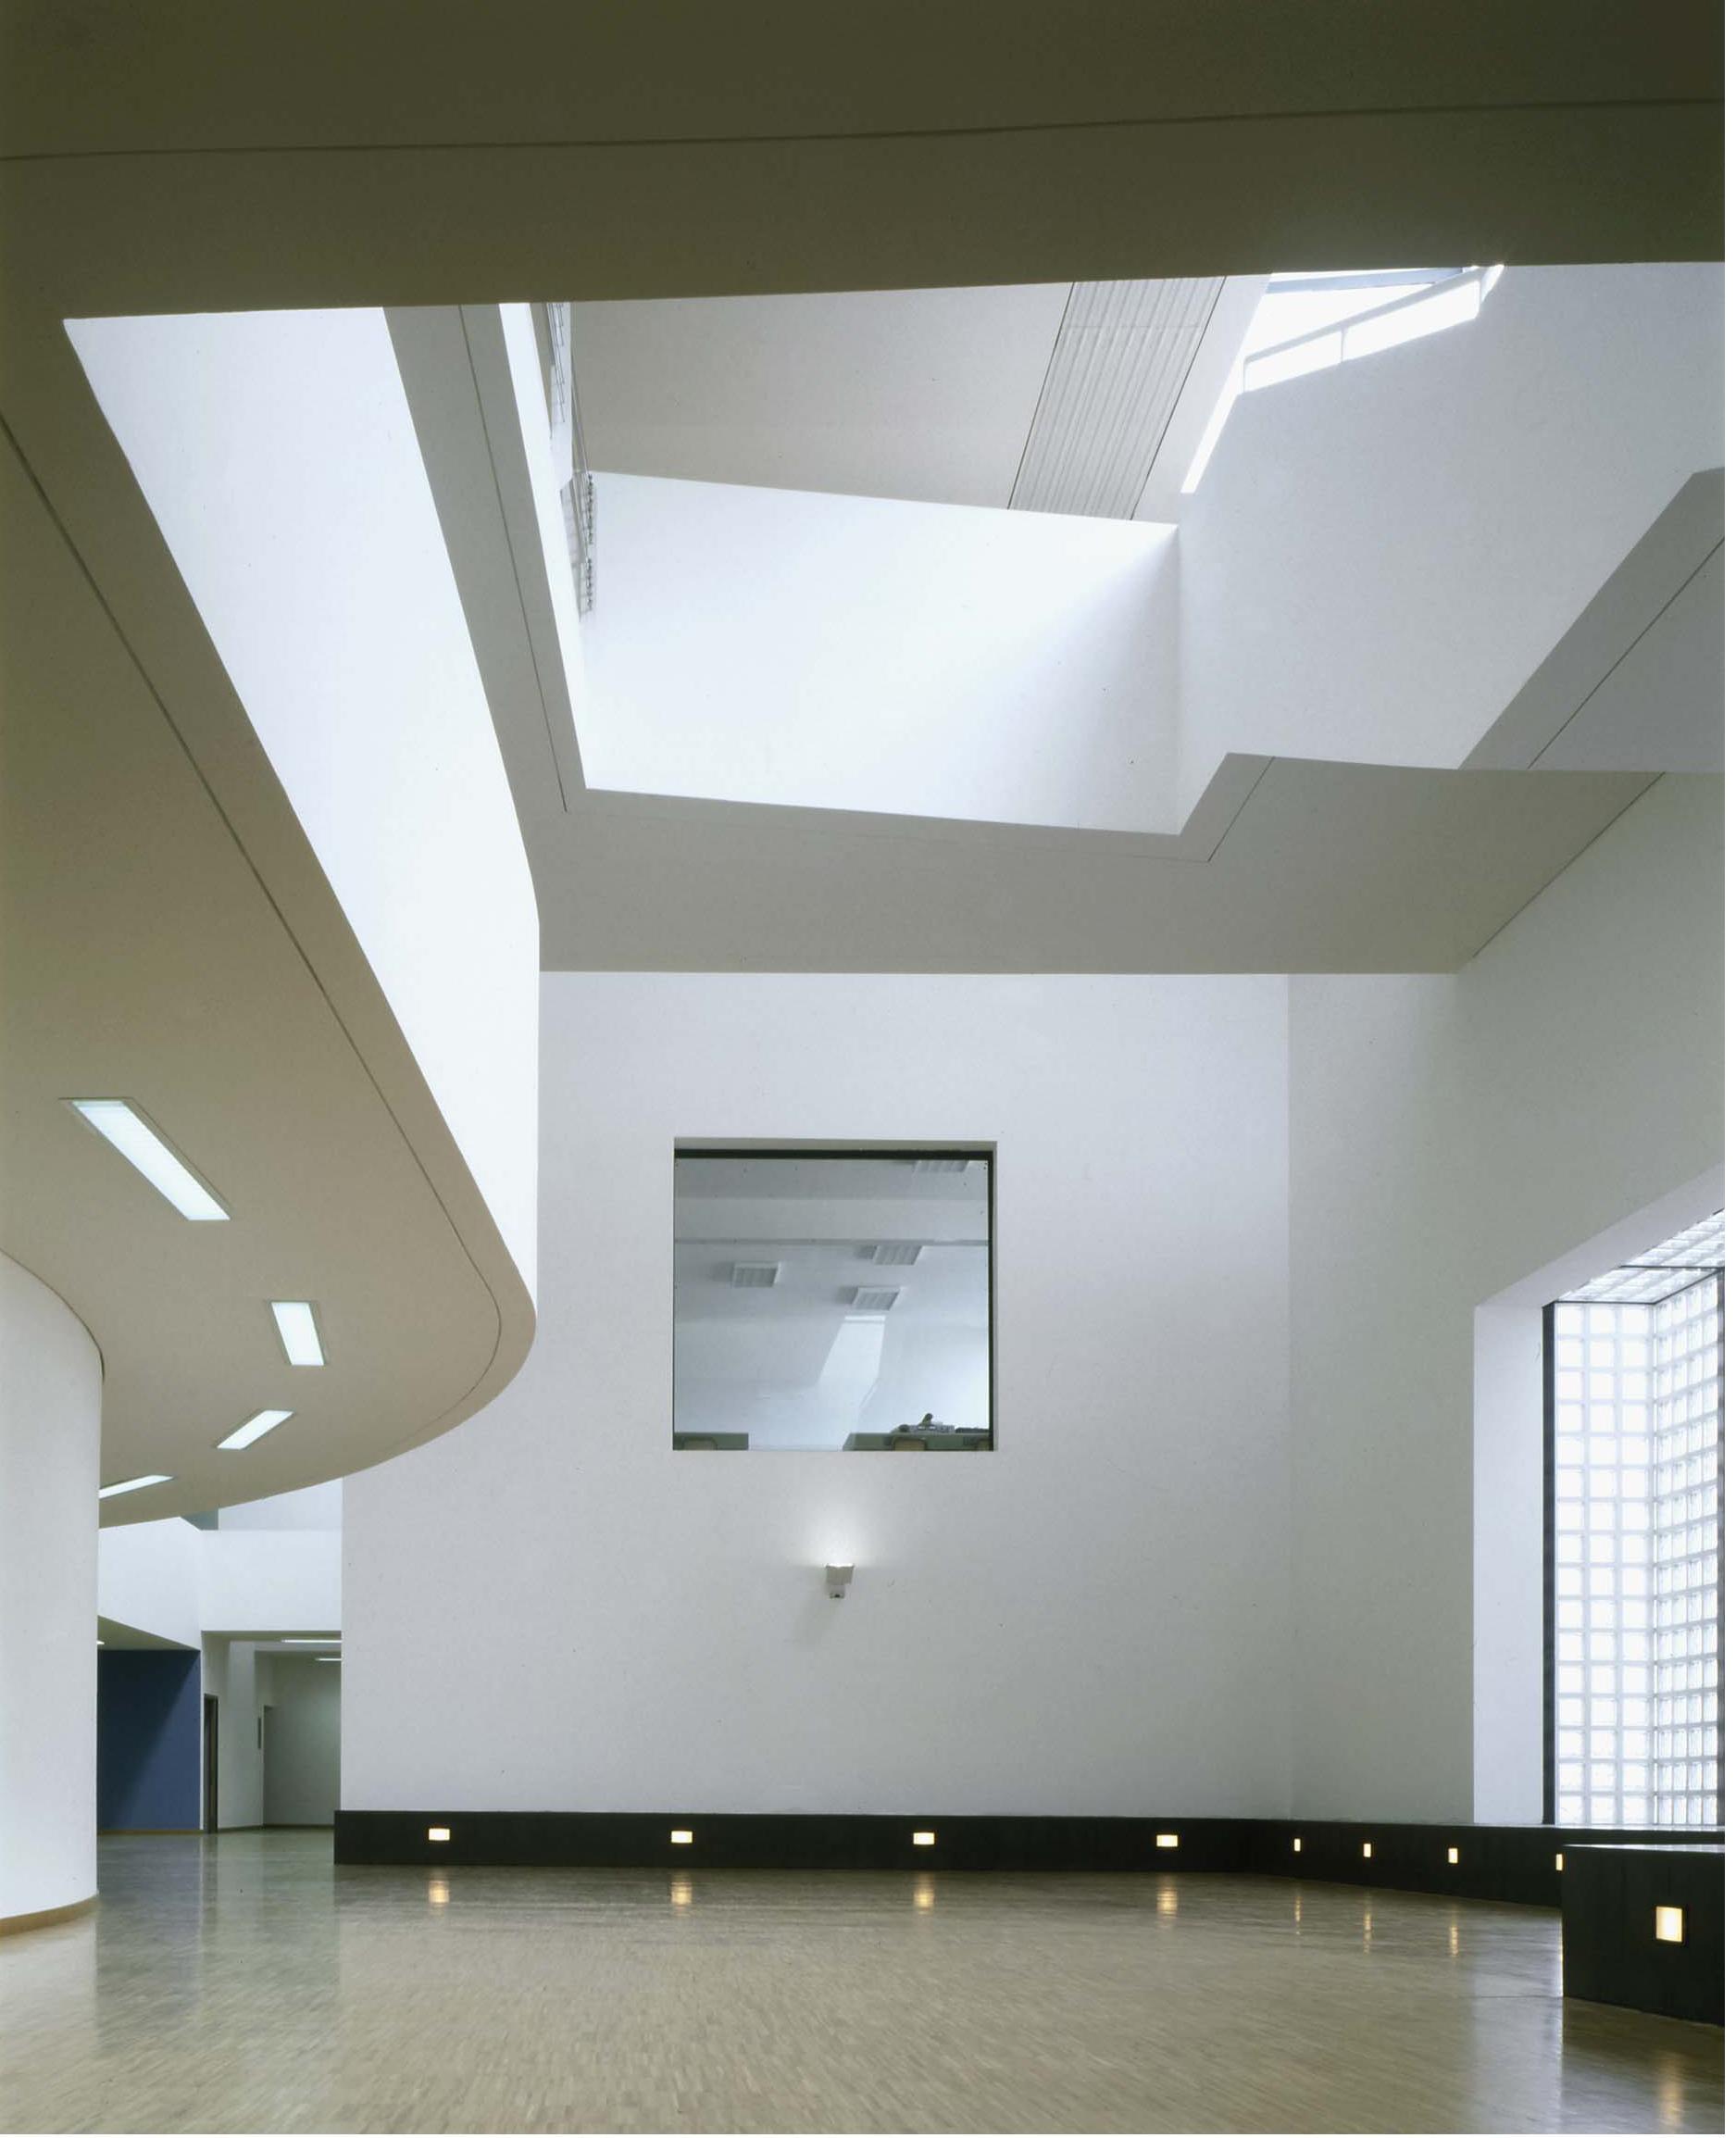 Centro scolastico, San Giovanni Valdarno (AR)